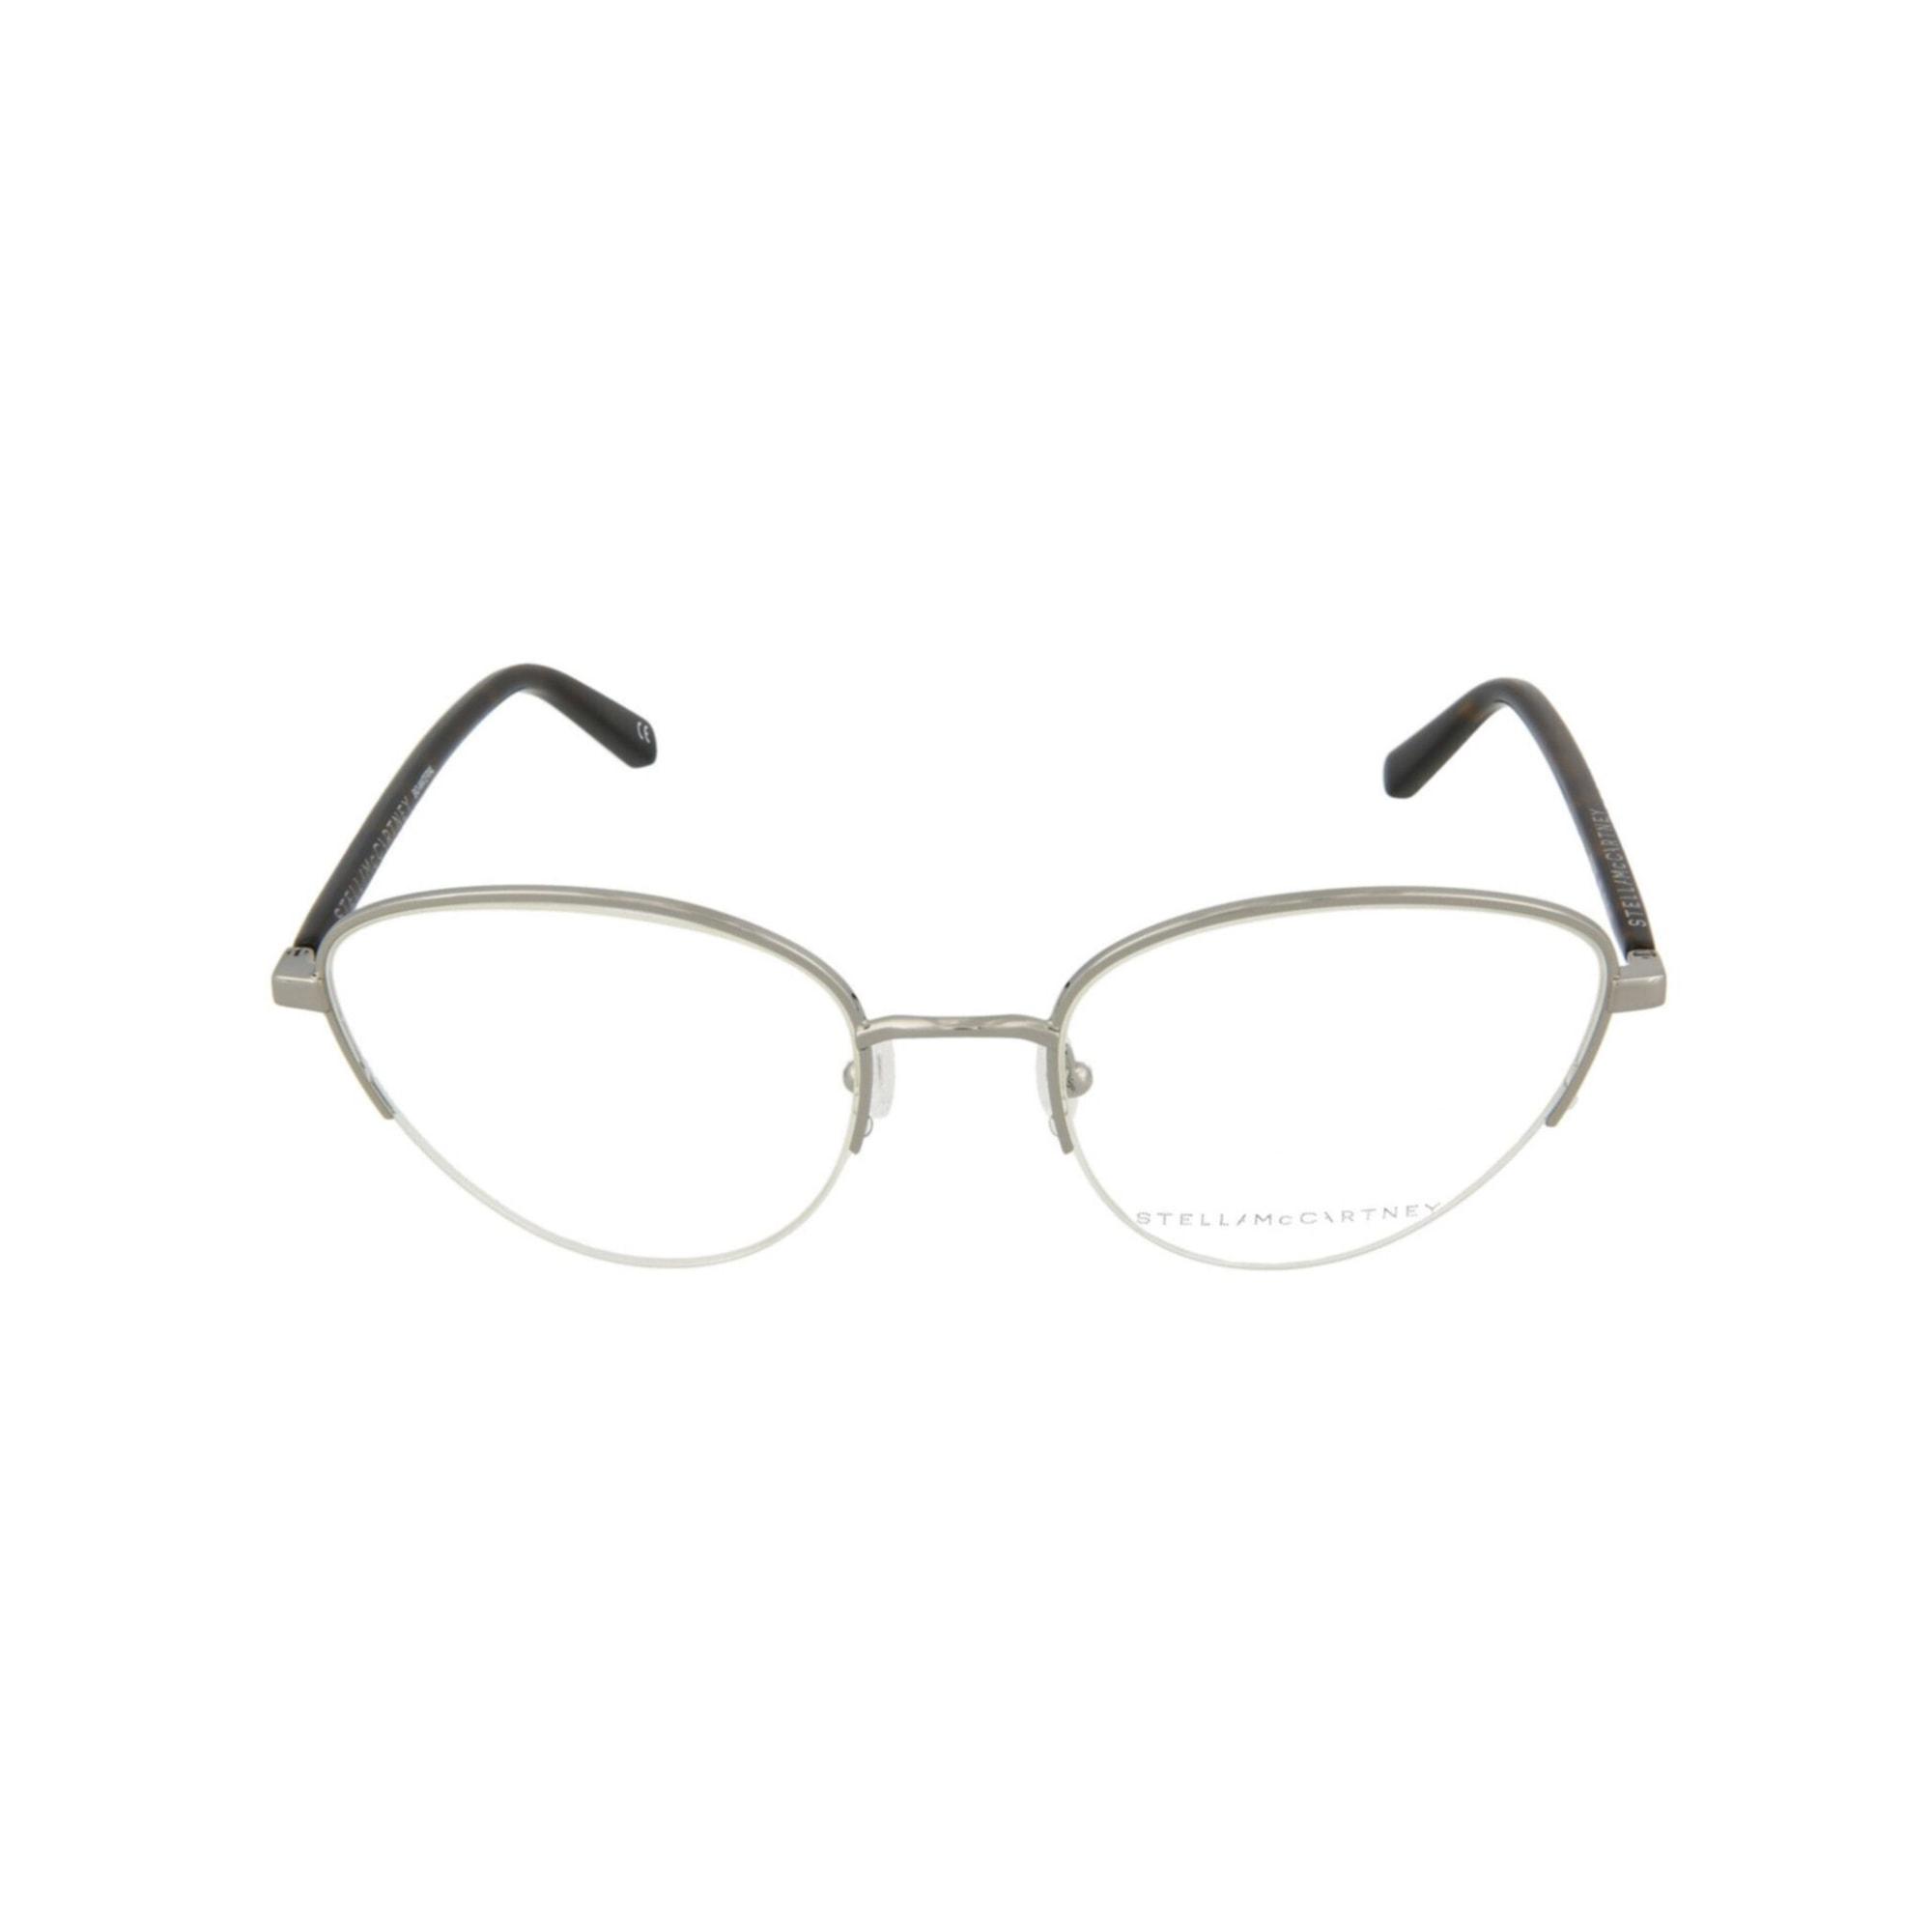 Sonnenbrille STELLA MCCARTNEY Silberfarben, stahlfarben